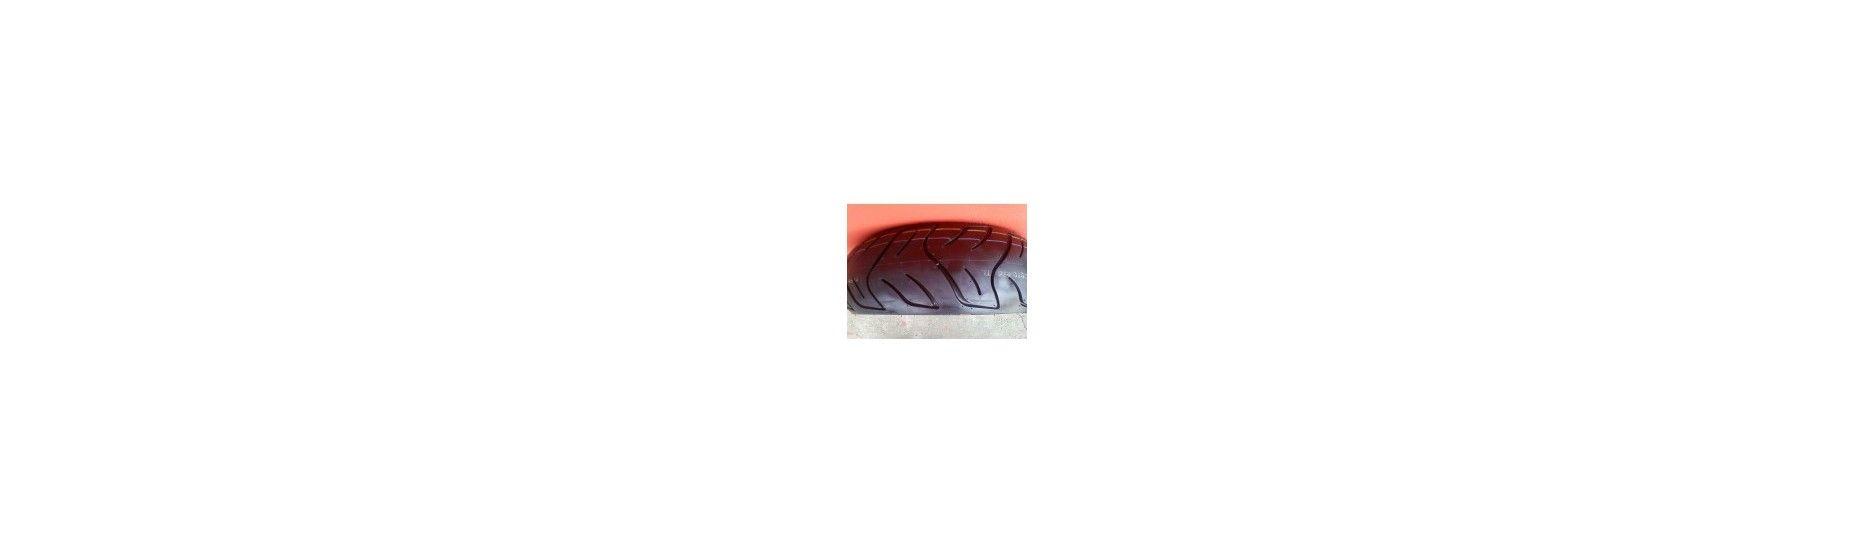 13-ti palcové pneumatiky